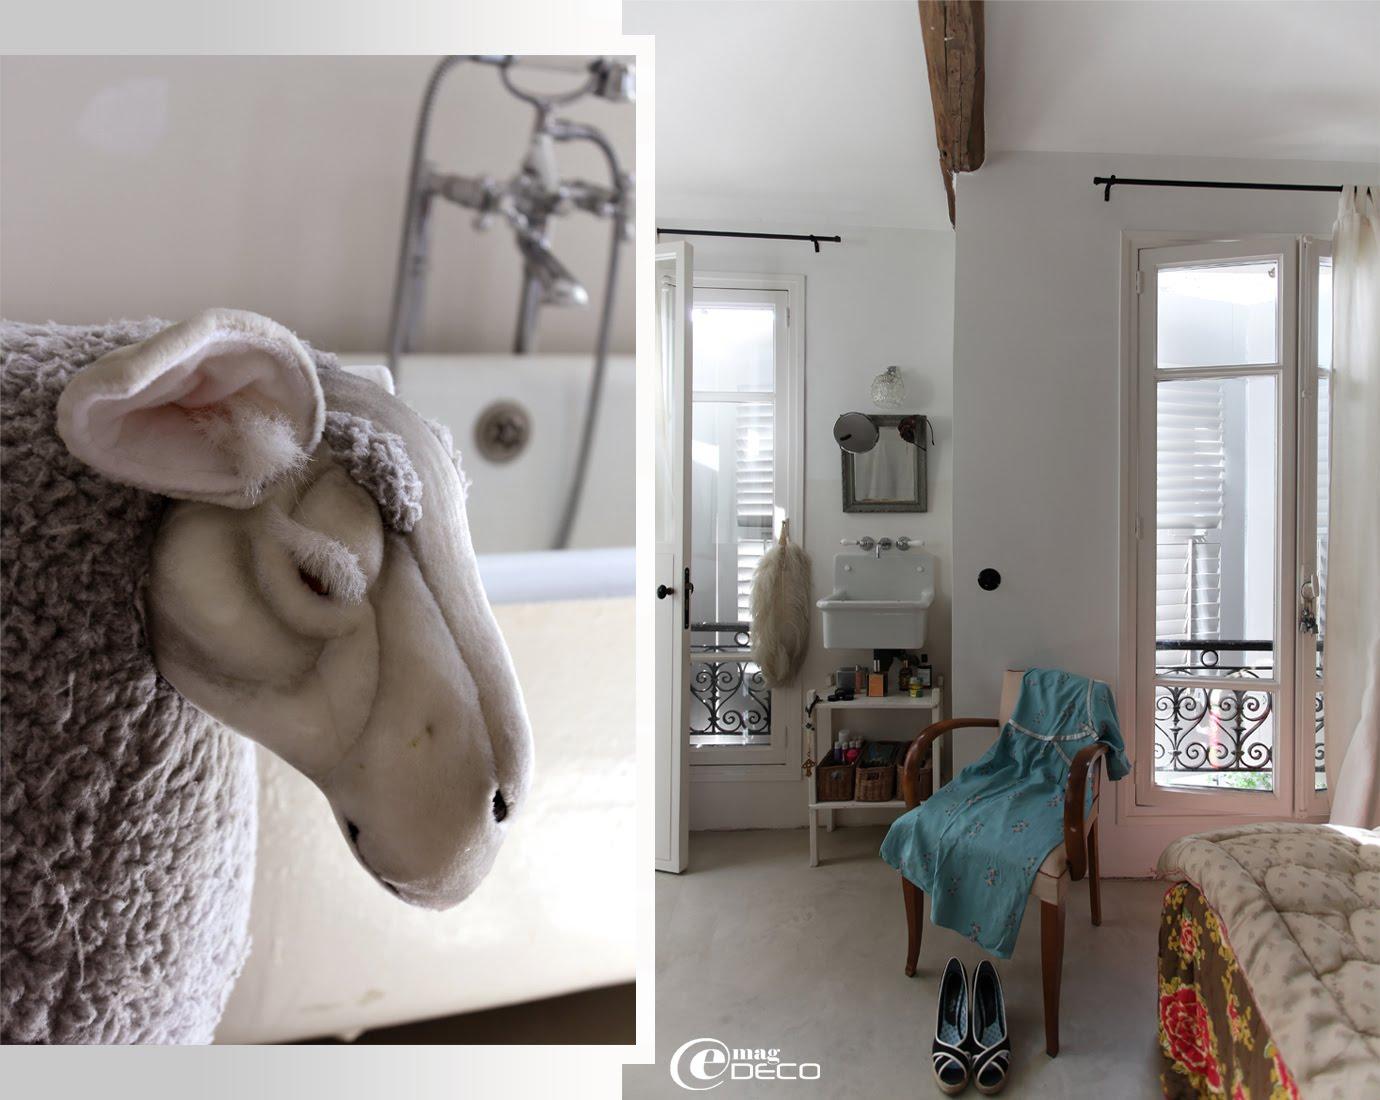 Détail d'un mouton en peluche acheté chez F.A.O. Schwarz sur la 5ème avenue à New York